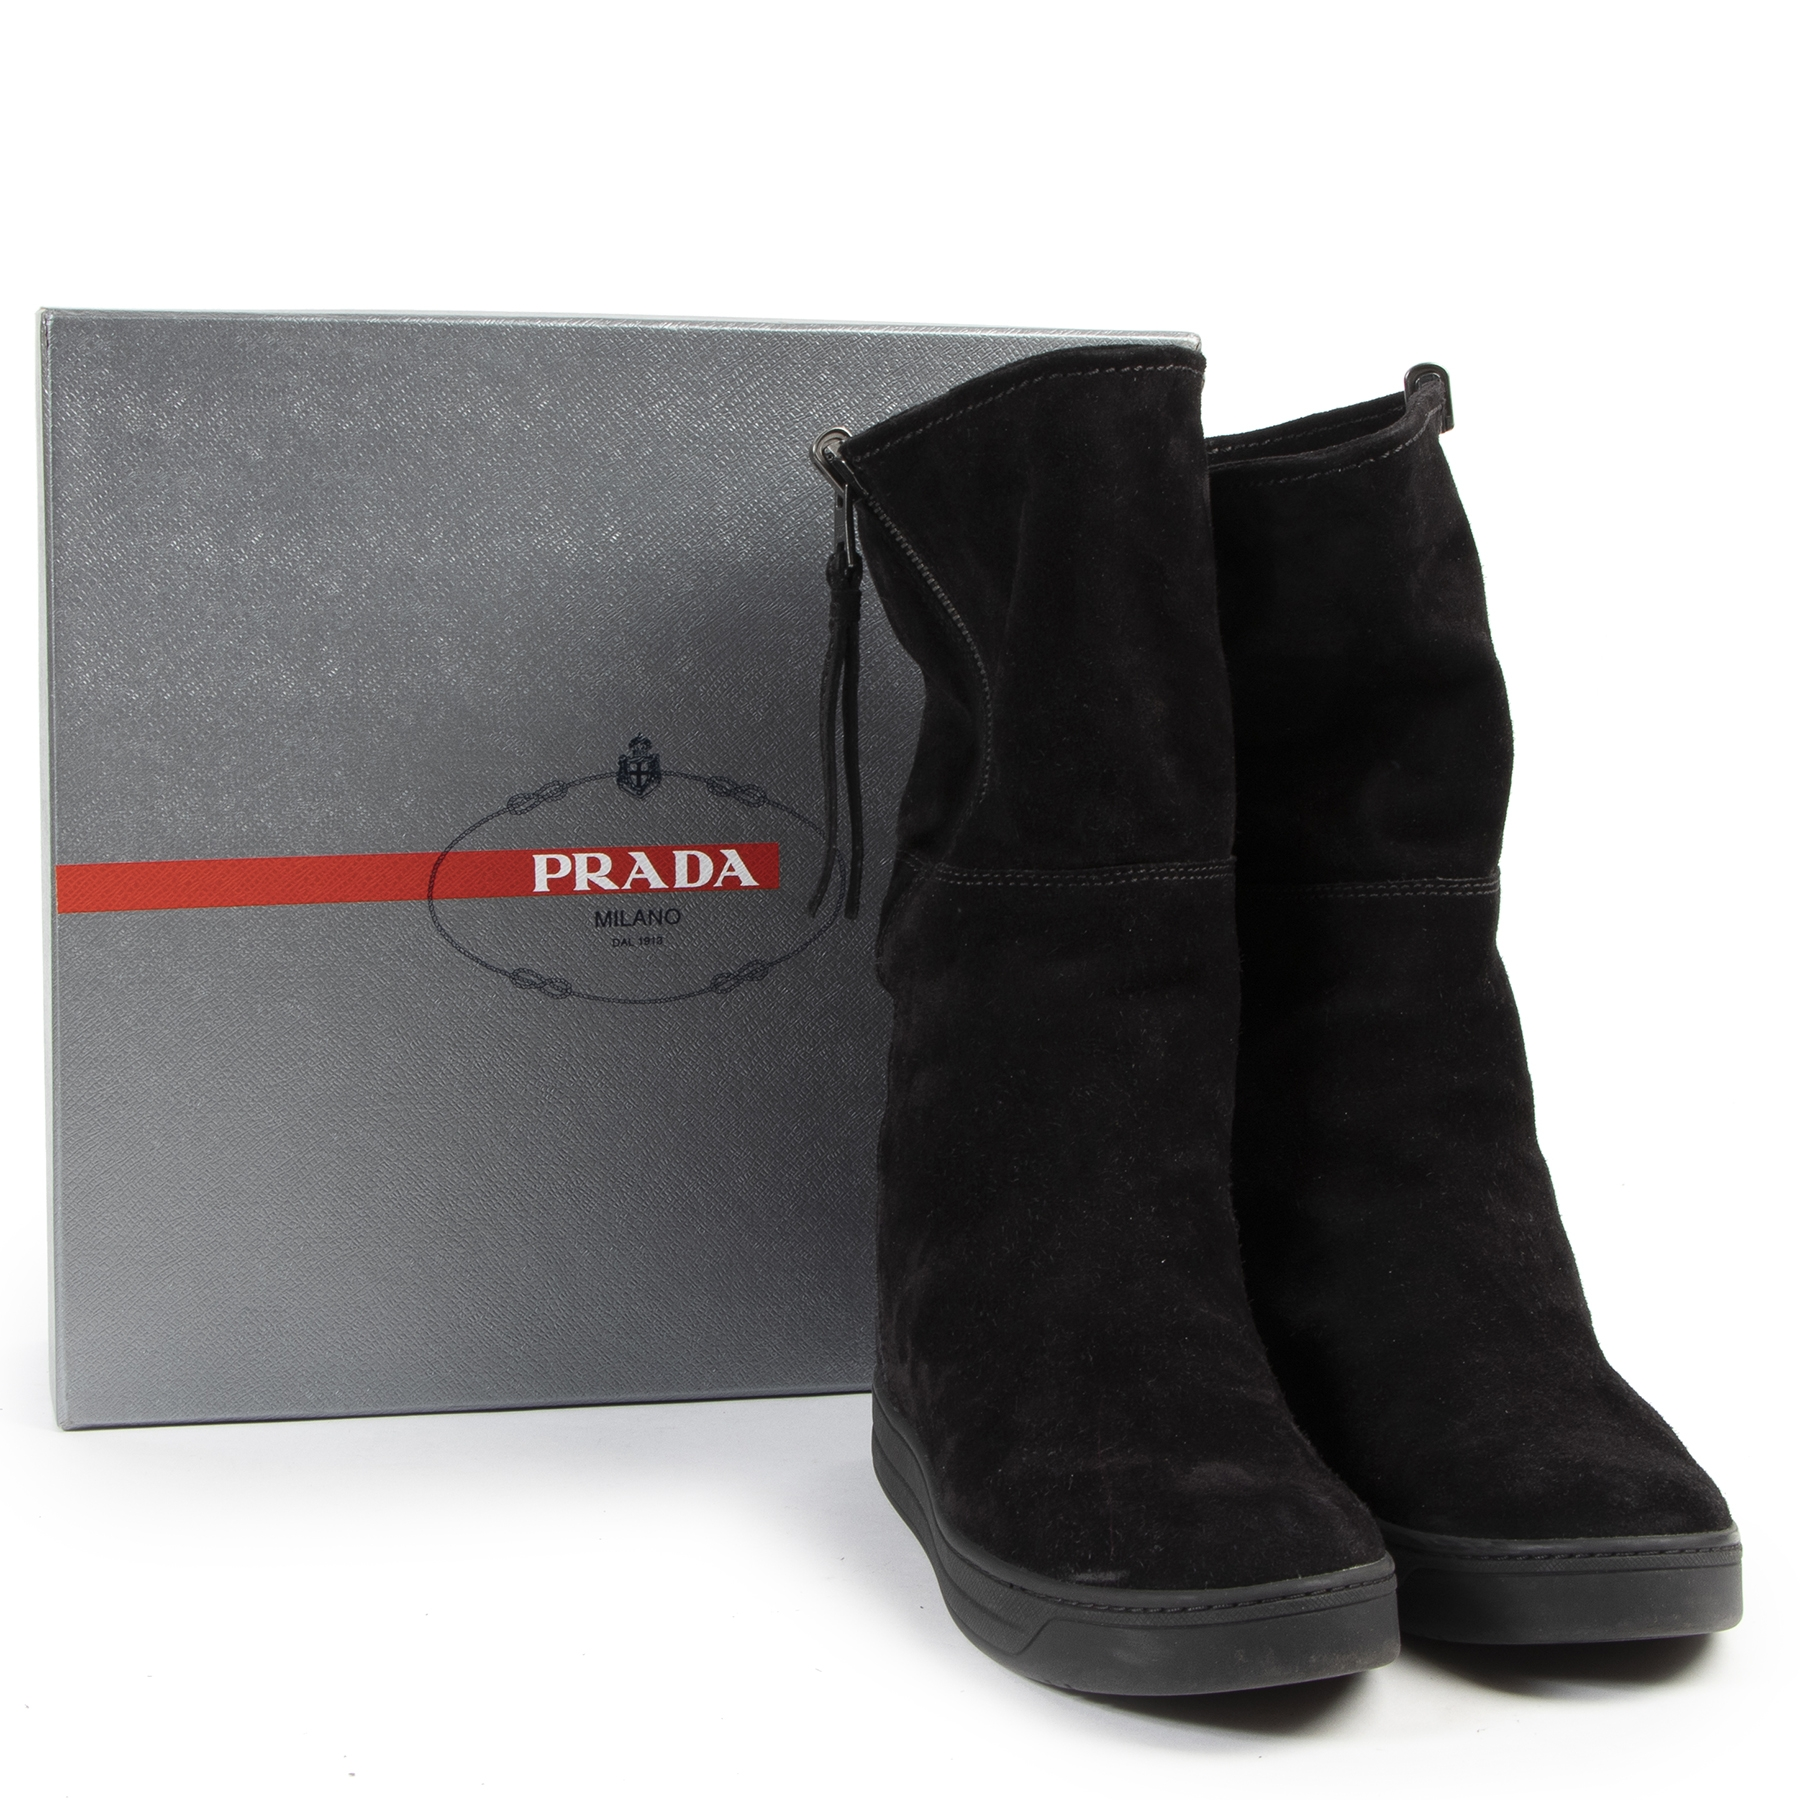 Prada Black Suede Boots - size 37.5 pour le meilleur prix chez Labellov à Anvers Belgique